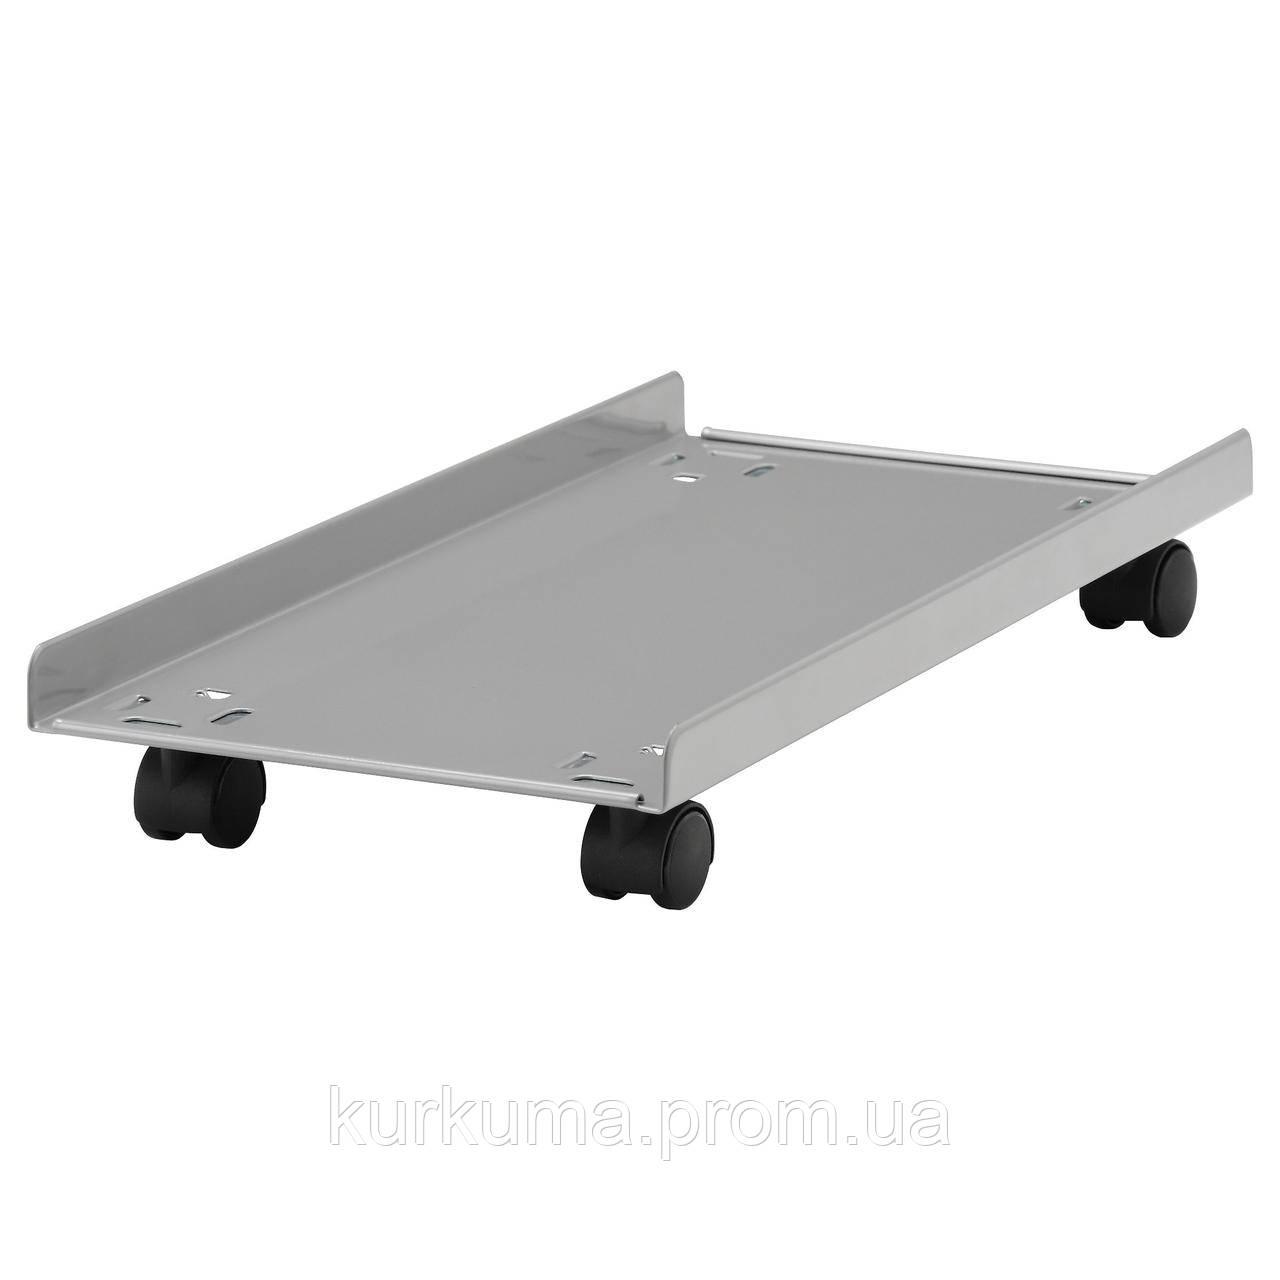 IKEA GUDMAR Візок для системного блока, серебро  (102.458.32)